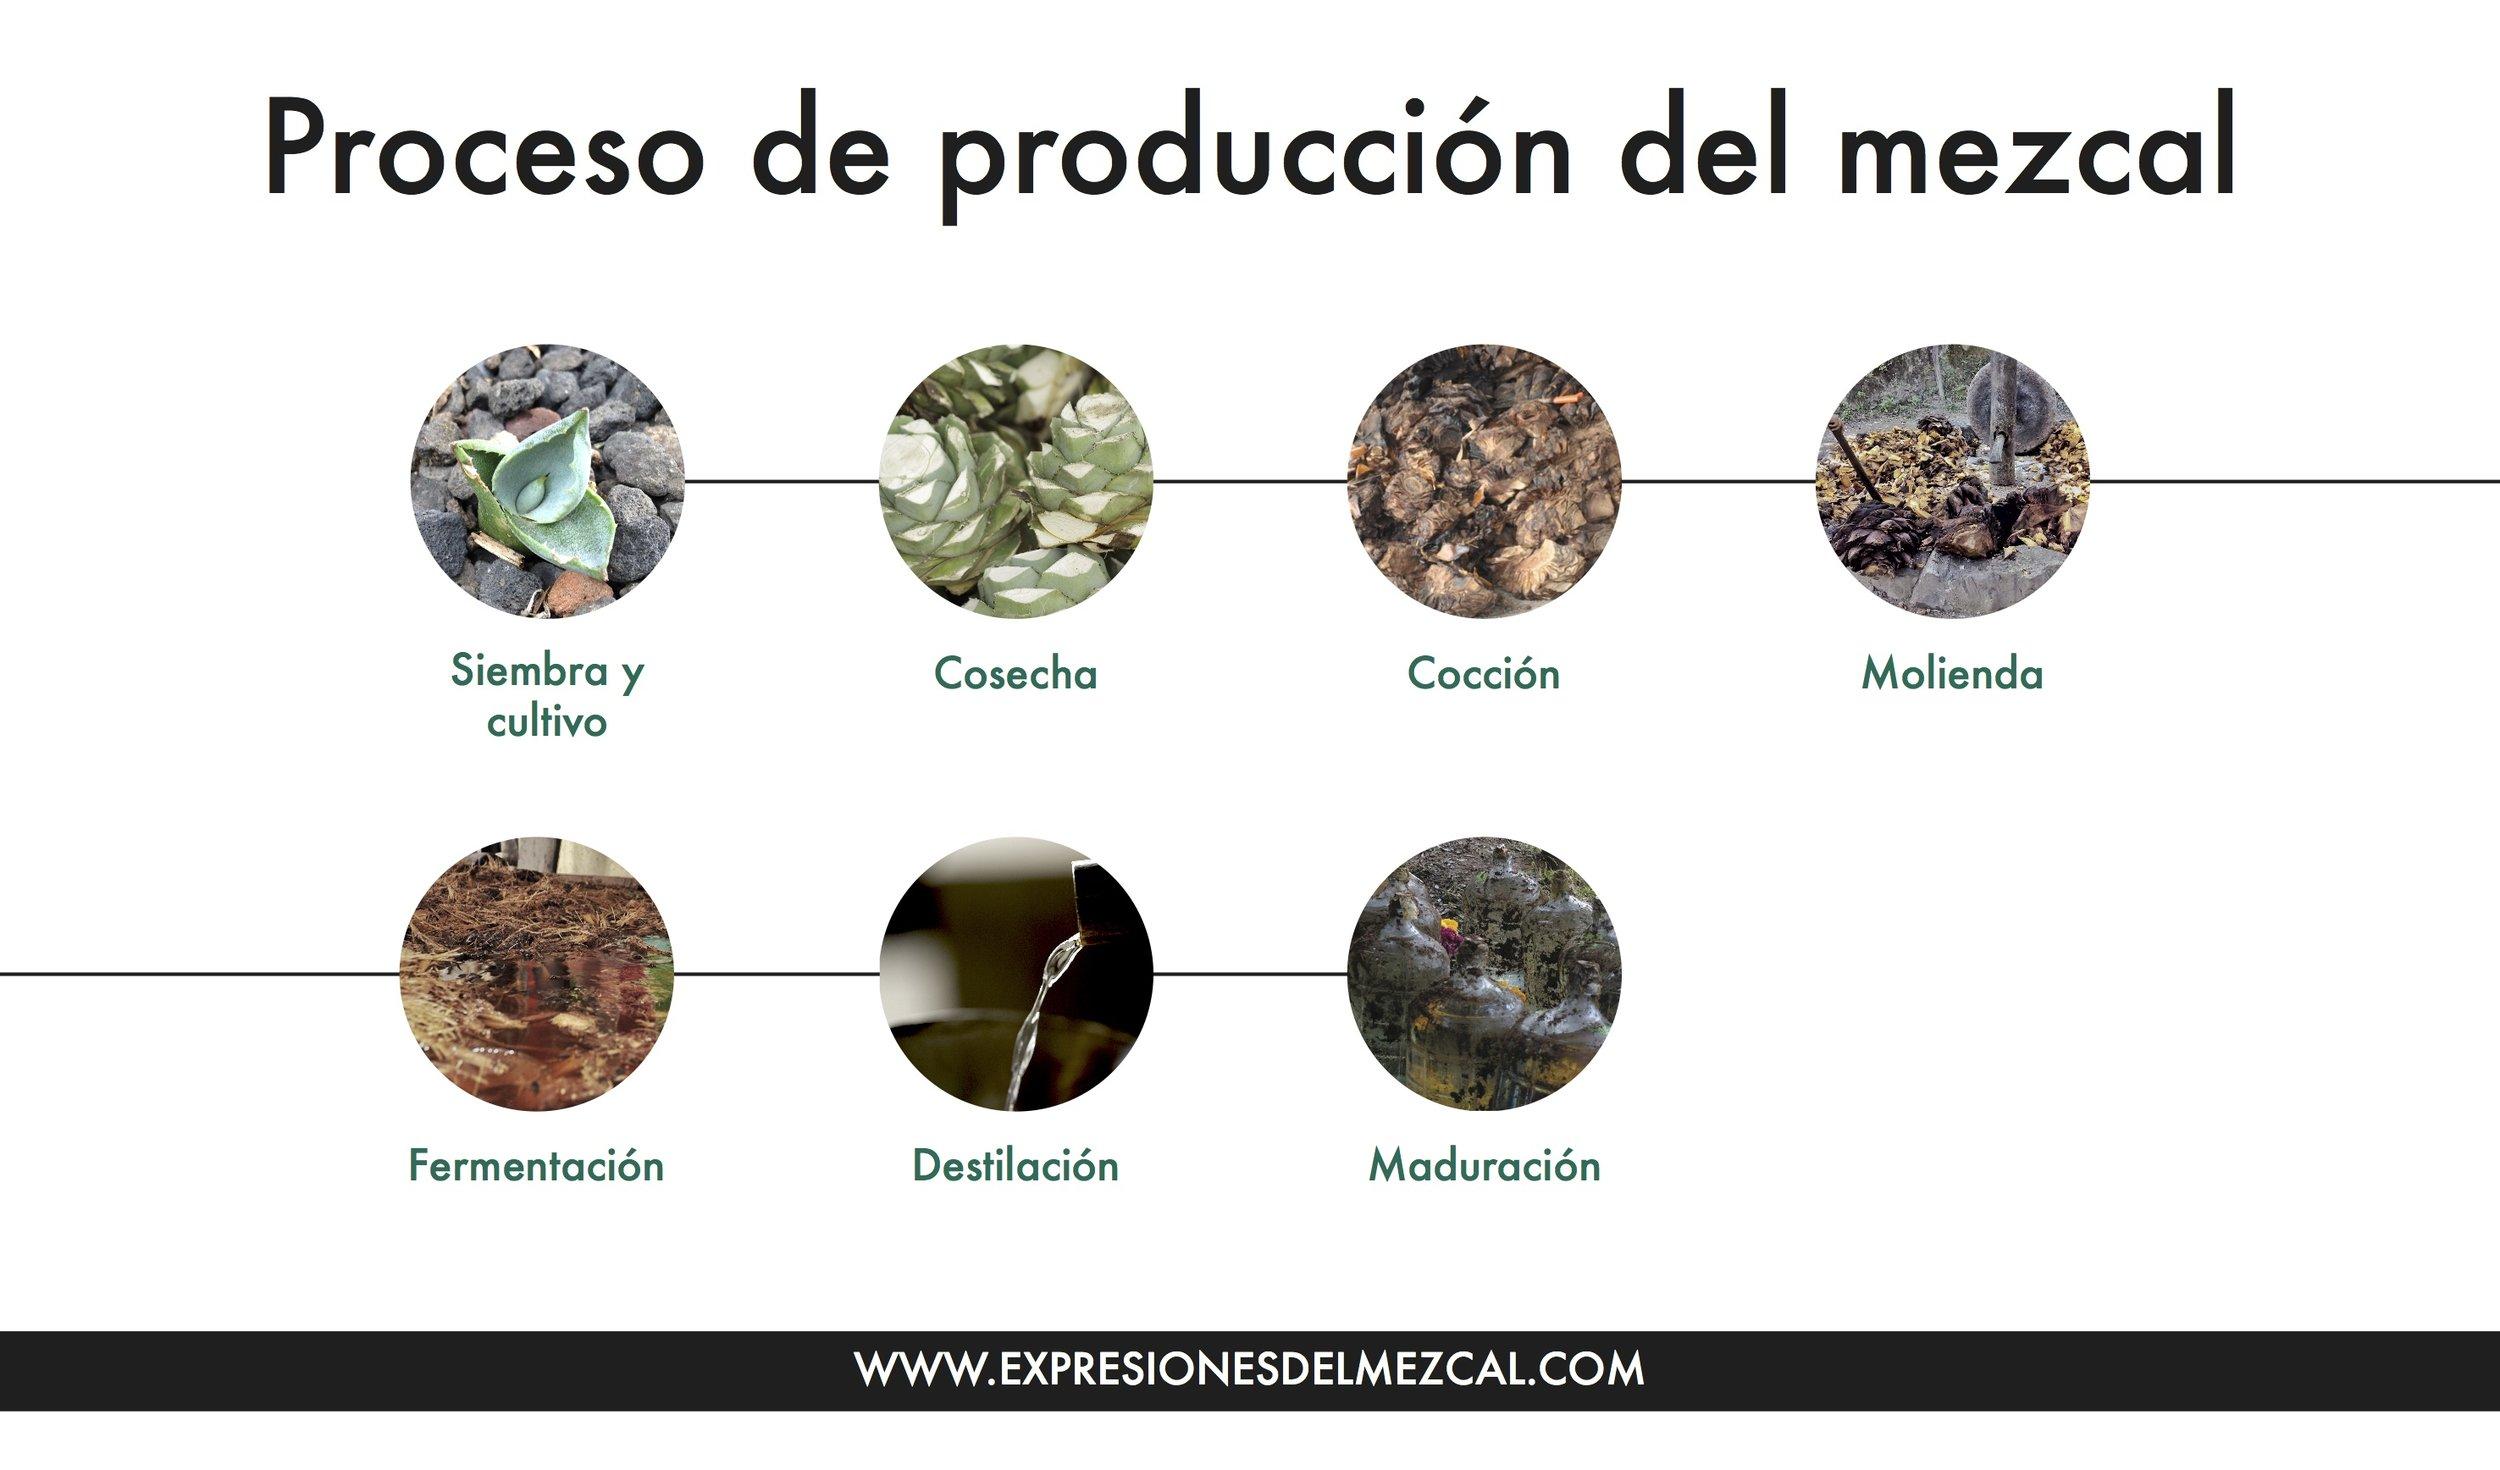 Proceso de producción del mezcal